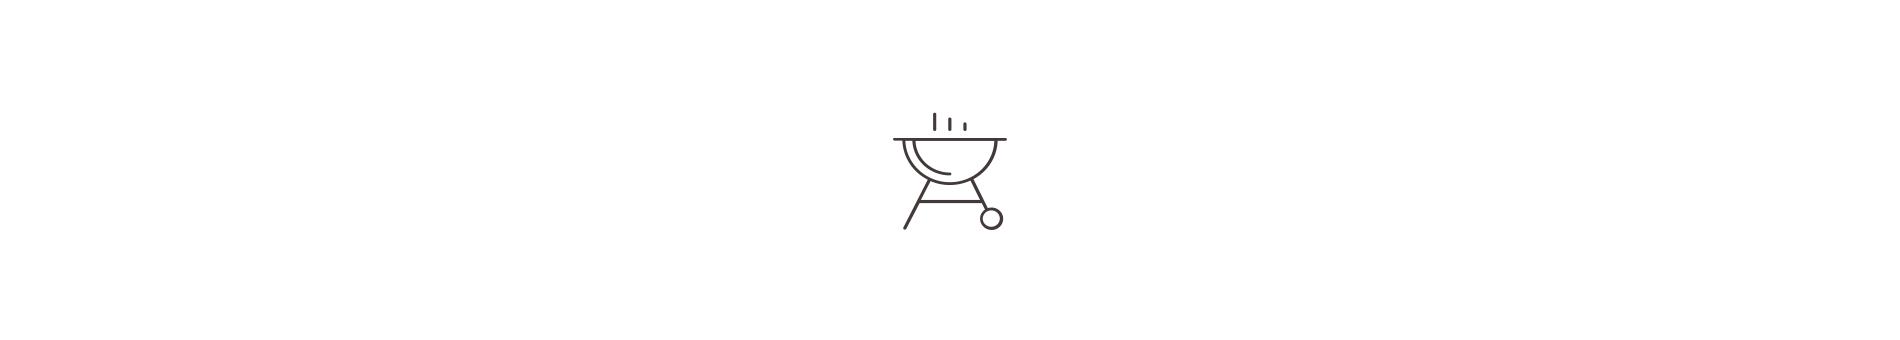 Barbecue - Pique-nique